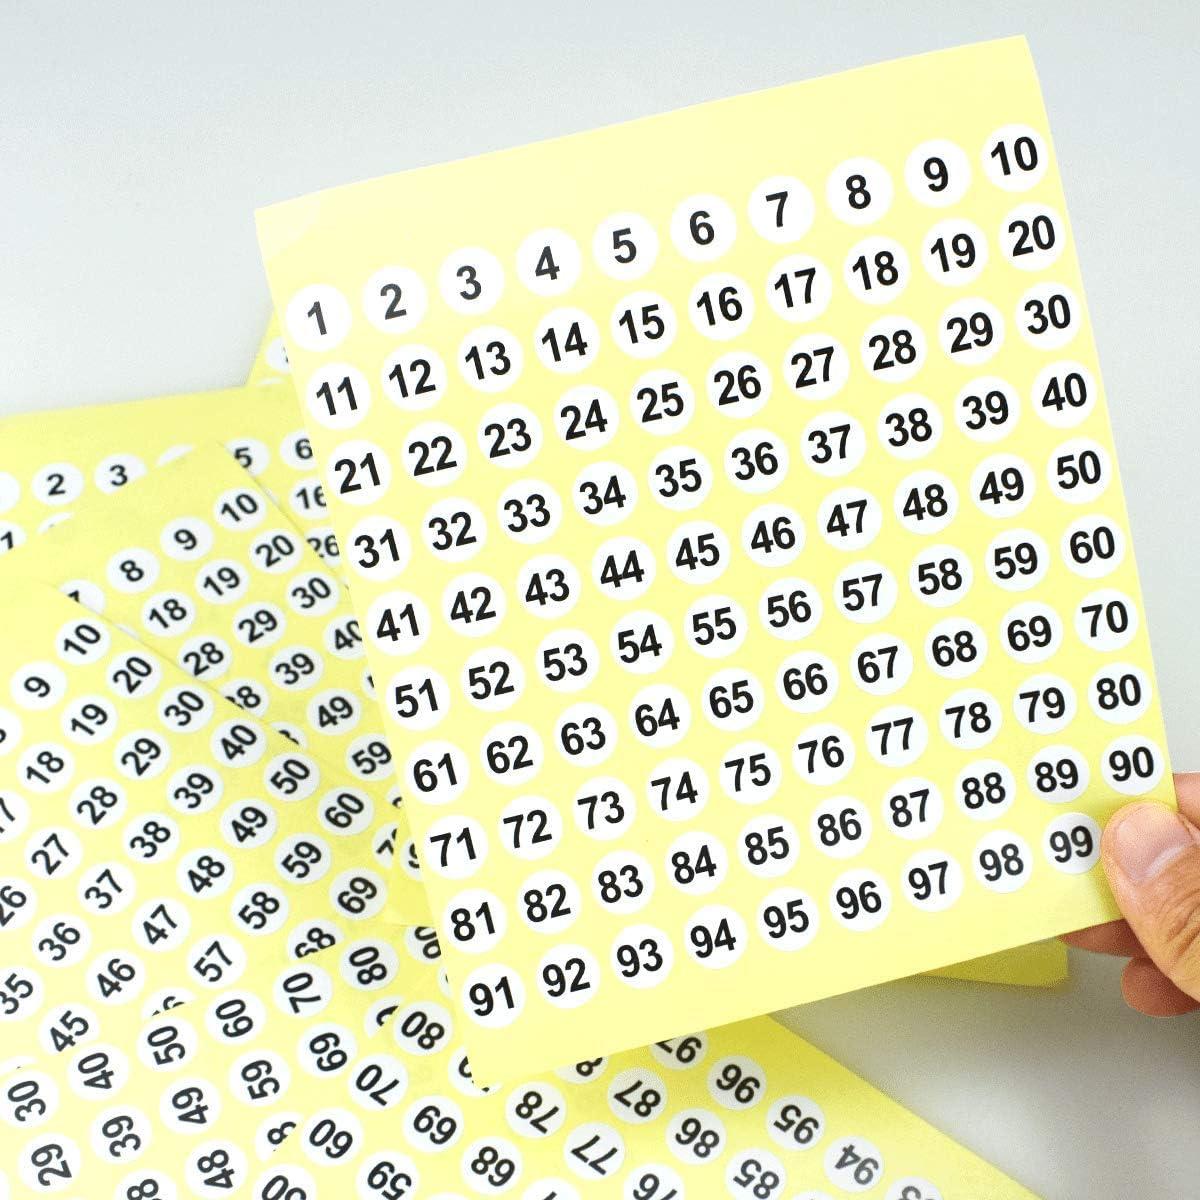 Number Stickers Zahl-runde Aufkleber-Aufkleber 5000 Punkte wei/ßer Hintergrund 1 bis 100 selbstklebende Zahl-Aufkleber die Aufkleber organisieren 50 Blatt